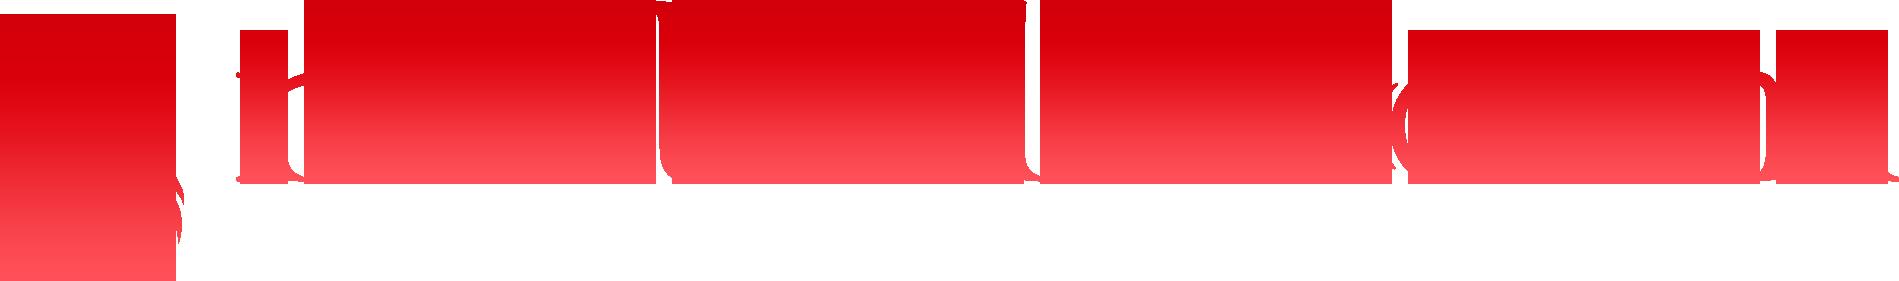 Molodei.com